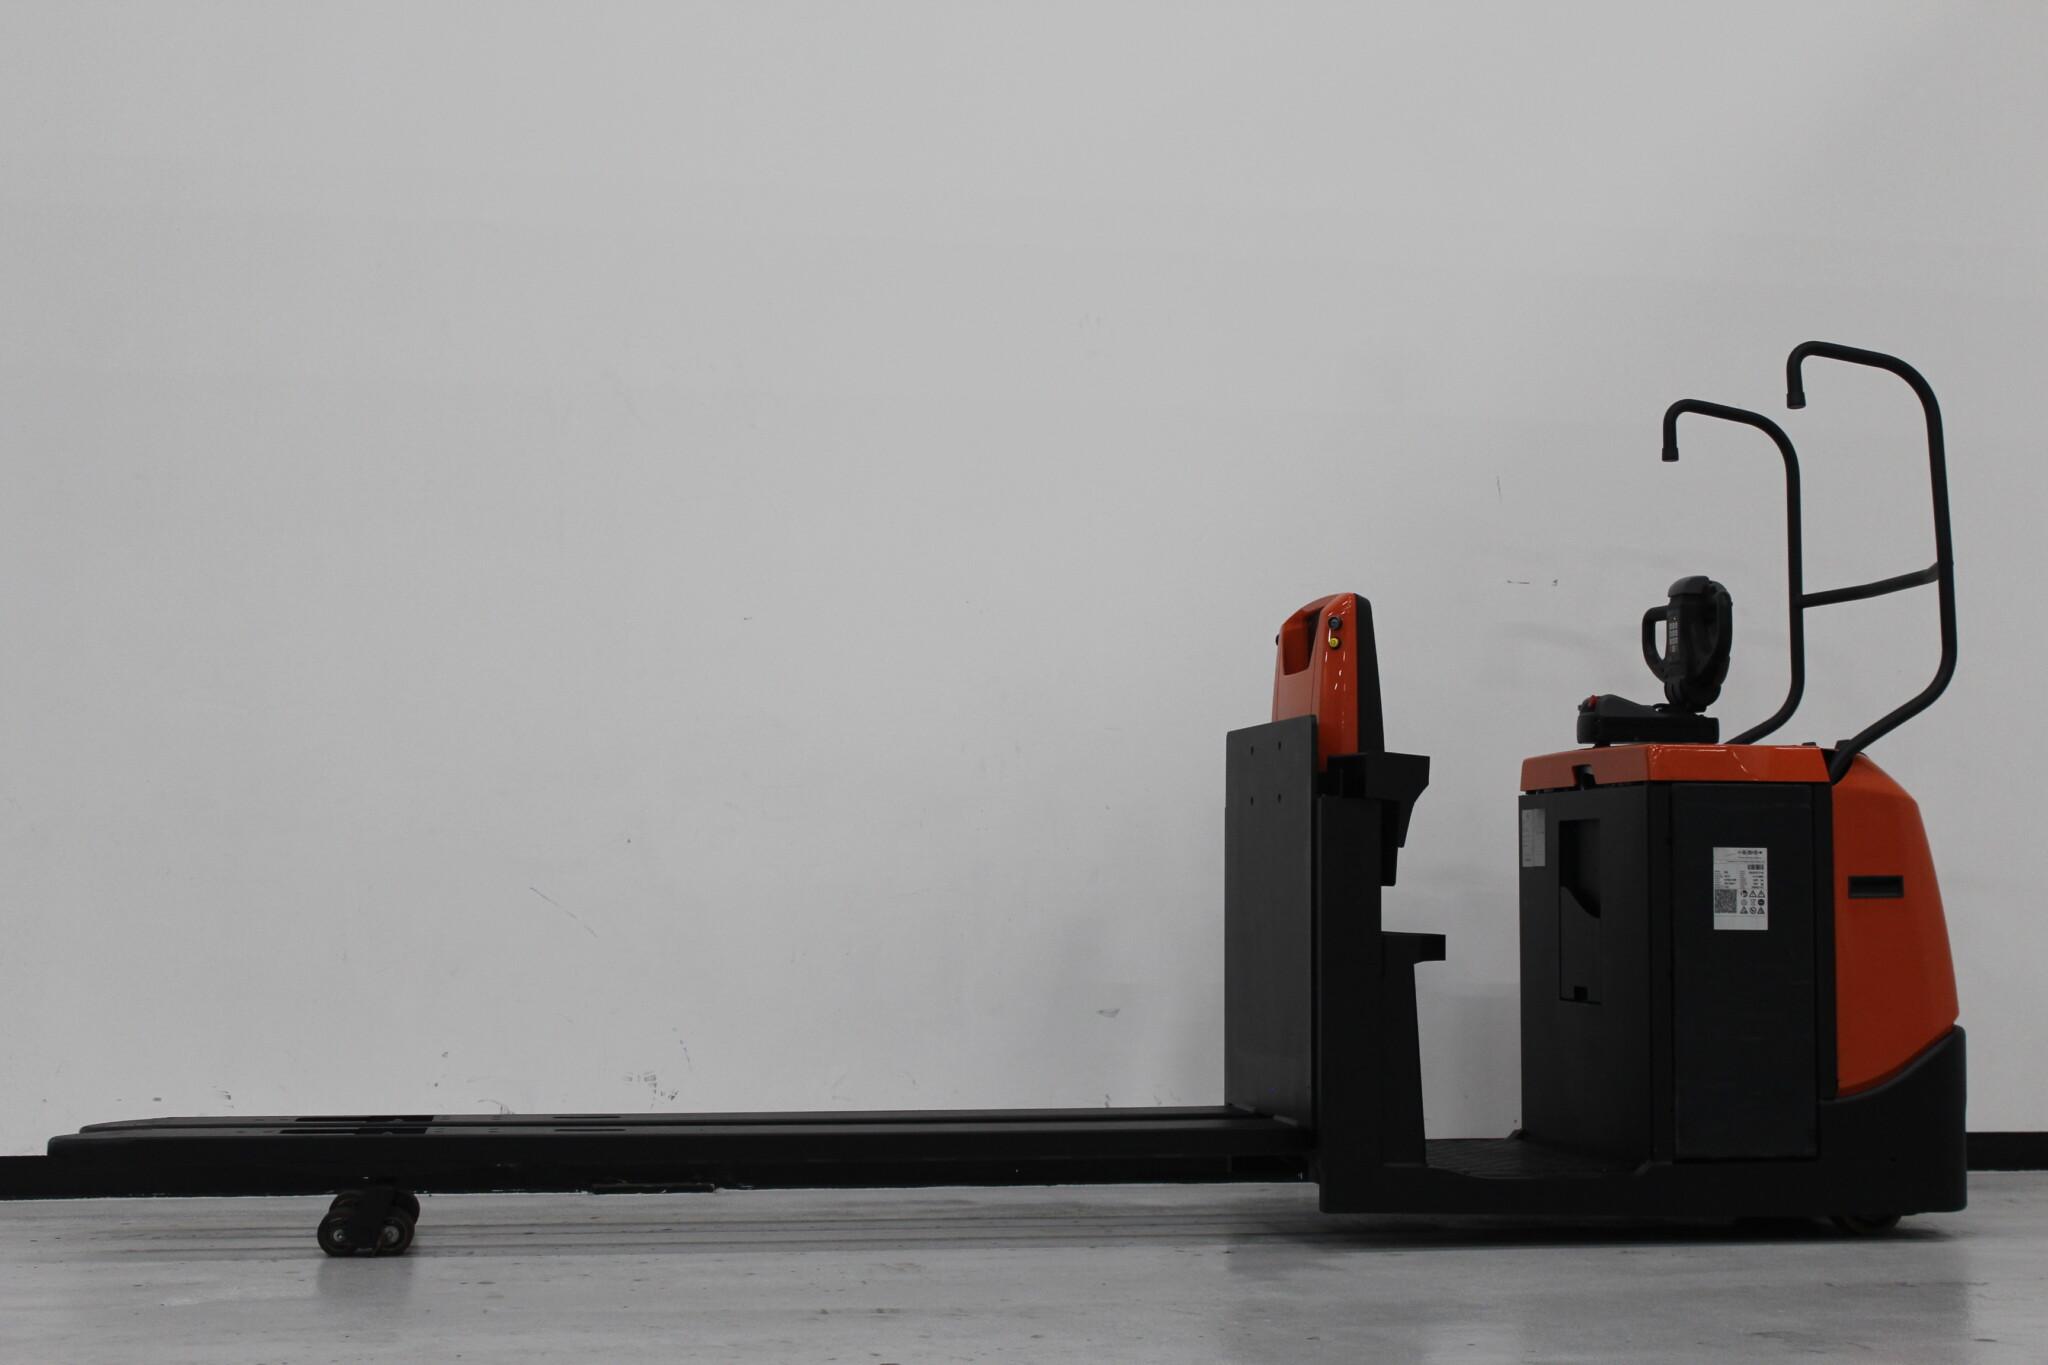 Toyota-Gabelstapler-59840 1612036013 1 scaled